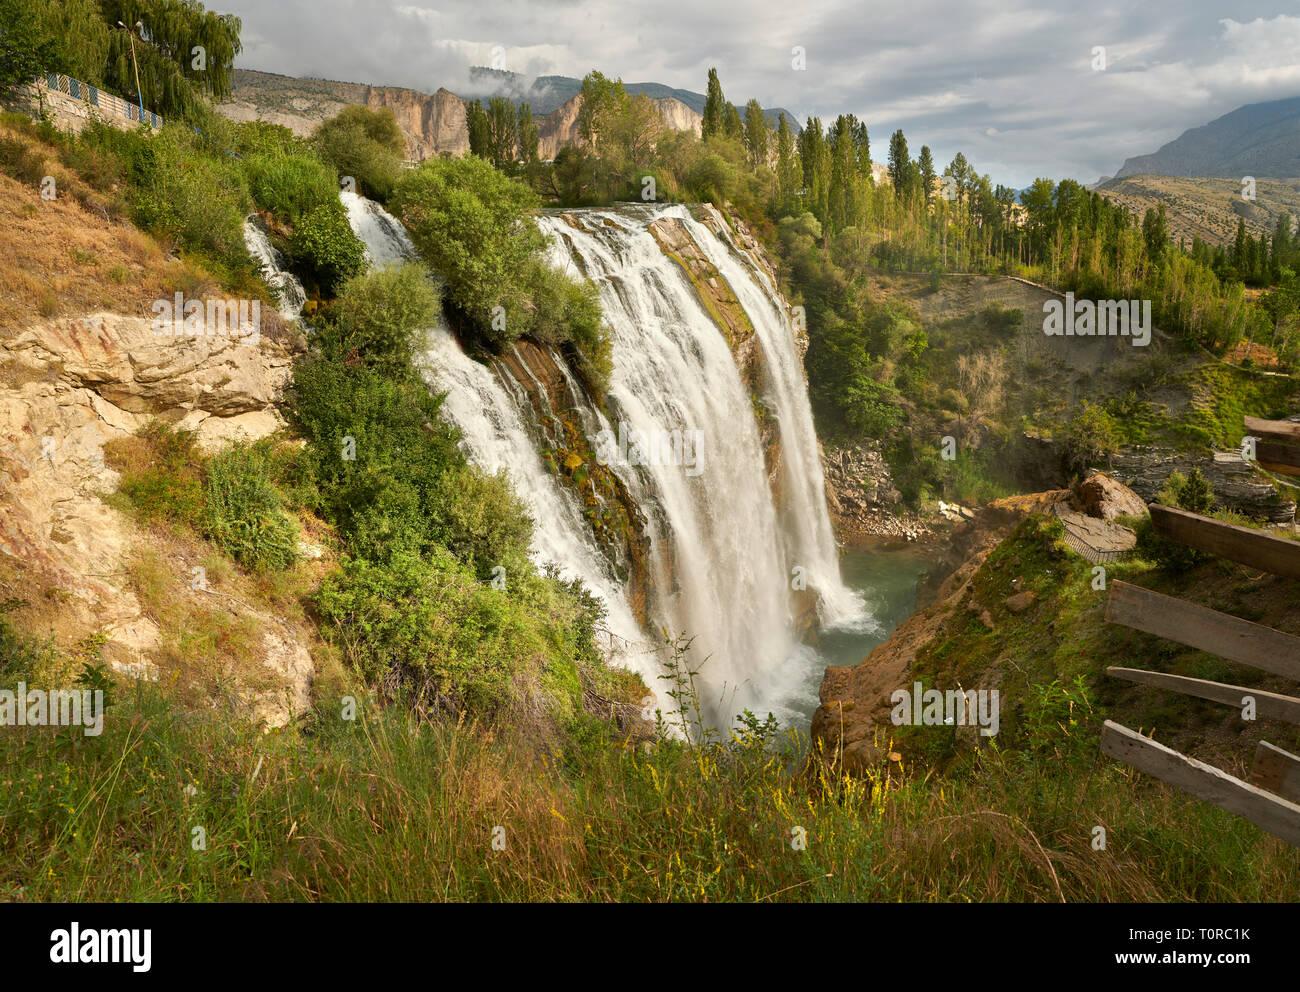 Bilder & Bilder der Tortum Wasserfälle, çoruh Tal, Erzurum im östlichen Anatolien, Türkei. Die tortum Wasserfälle sind die größten in der Türkei Stockbild